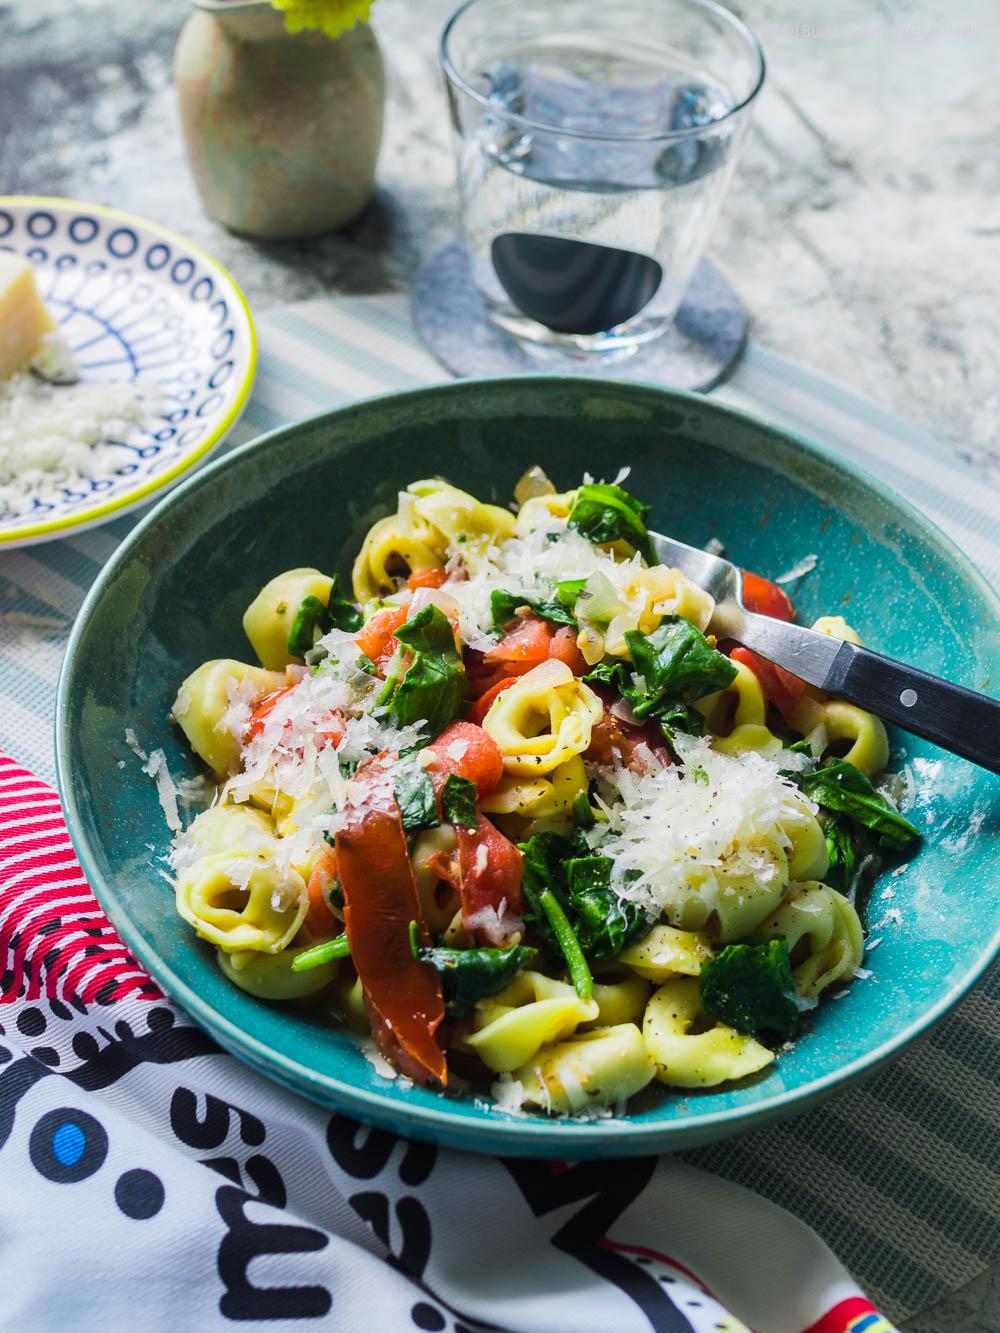 10-Minuten Tortellini mit frischem Tomaten-Spinat-Sugo |GourmetGuerilla.de